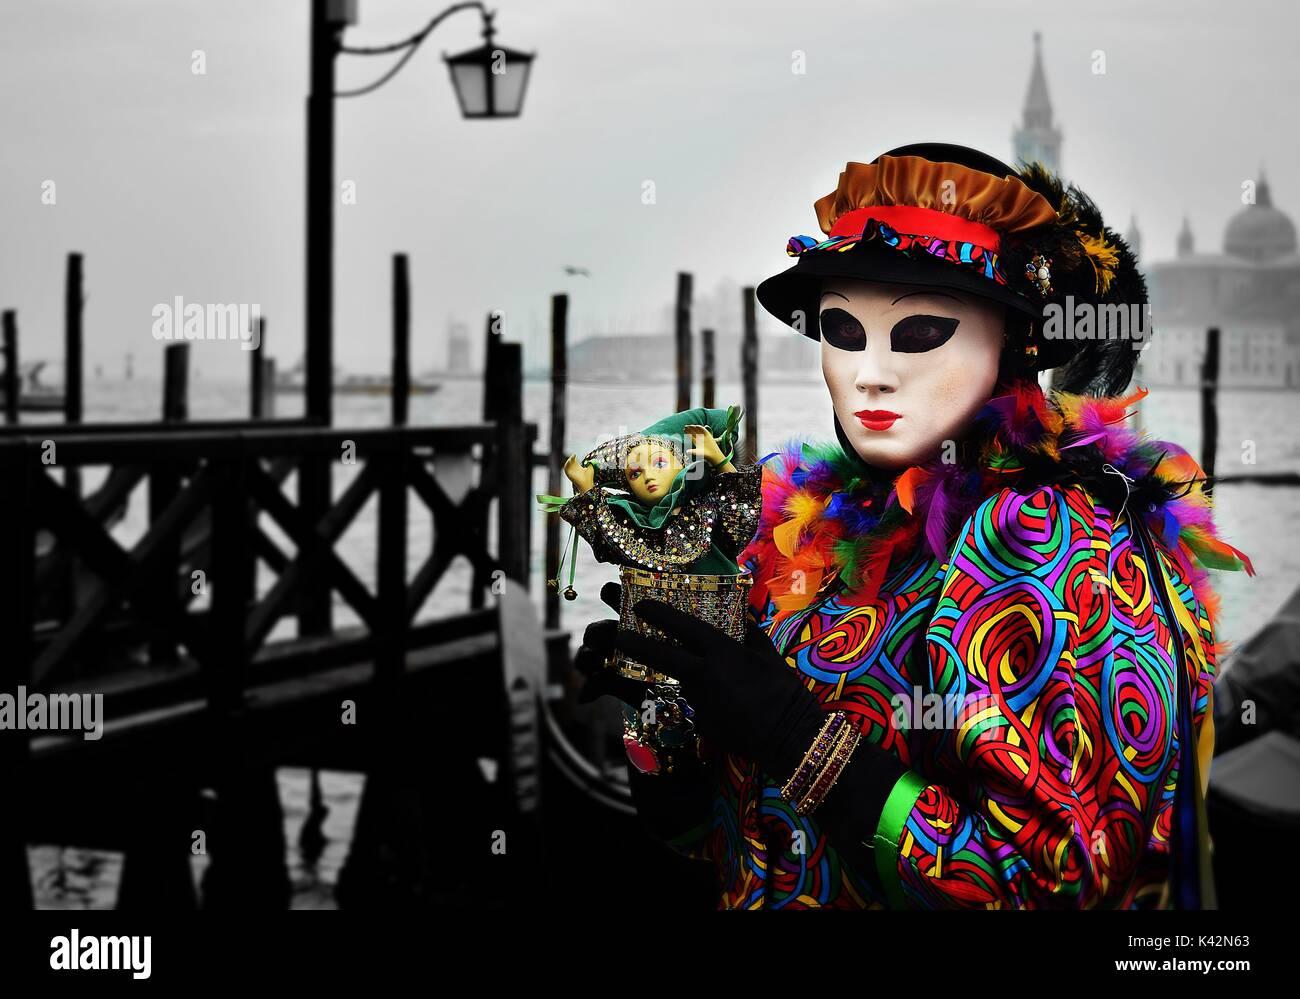 Una persona in un costume pieno di colori luminosi che tiene una piccola bambola al Carnevale di Venezia Immagini Stock